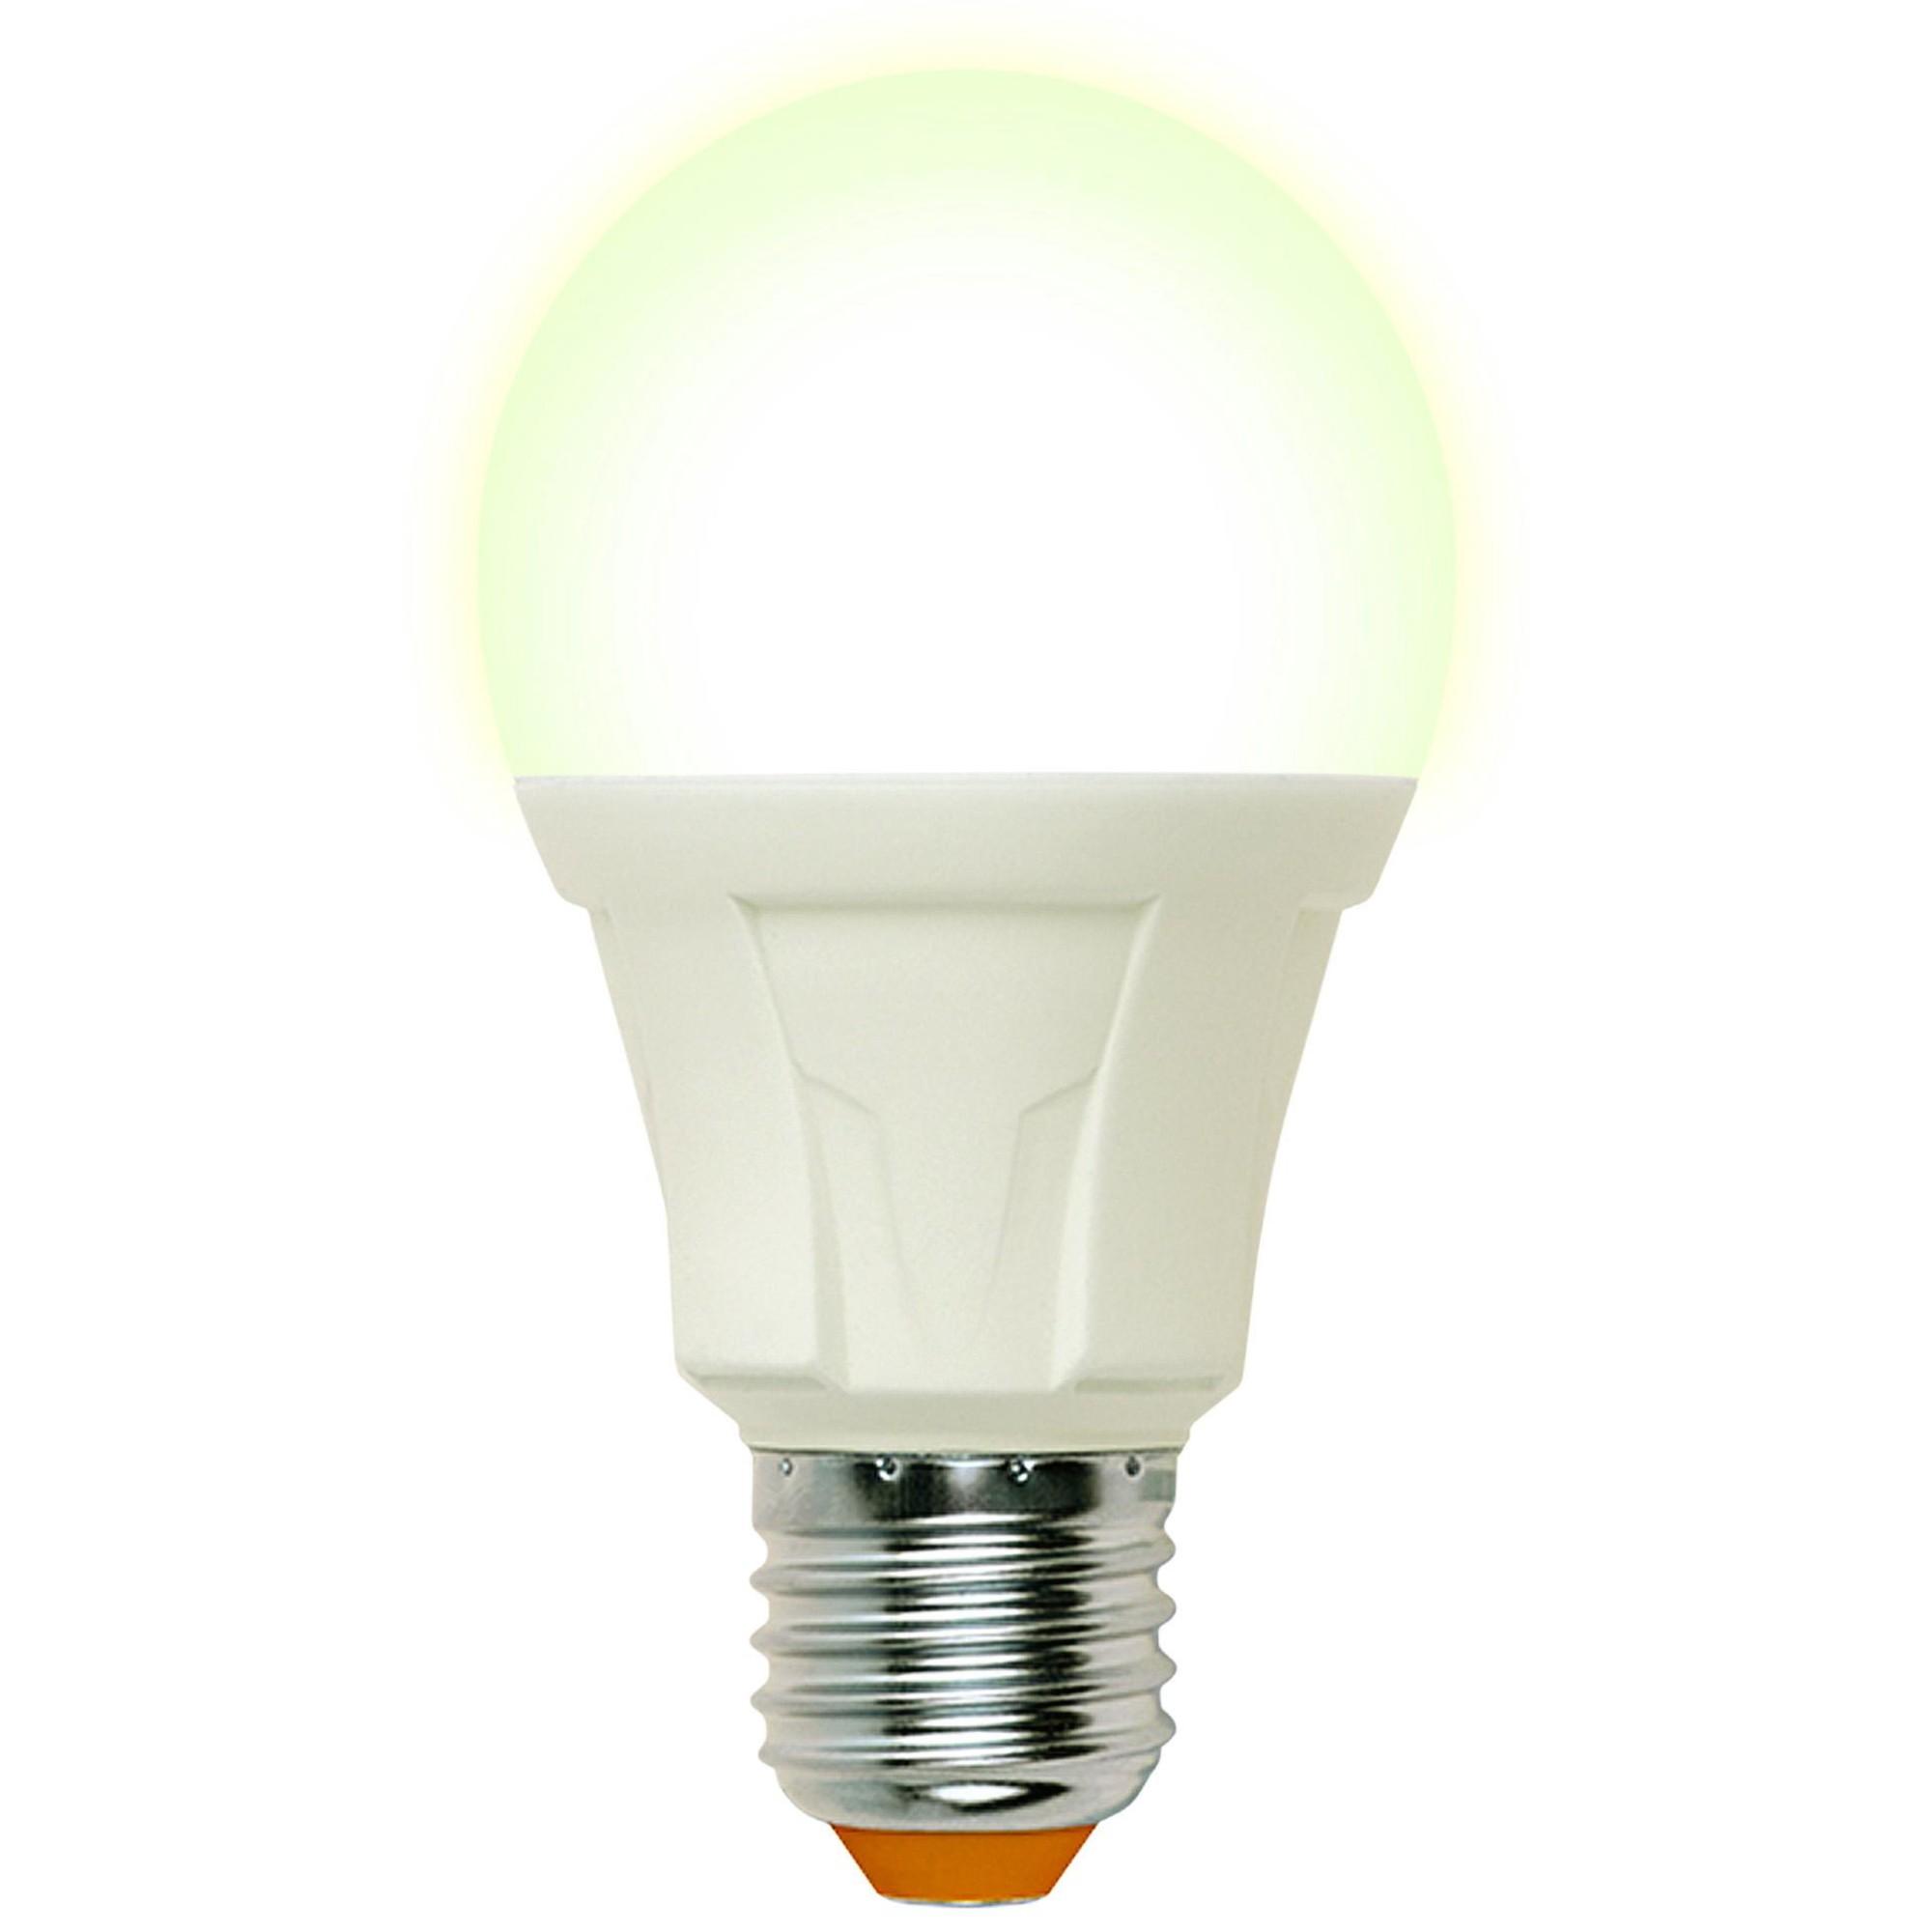 Лампа светодиодная Uniel Яркая E27 груша 1150 Лм 13 Вт нейтральный белый